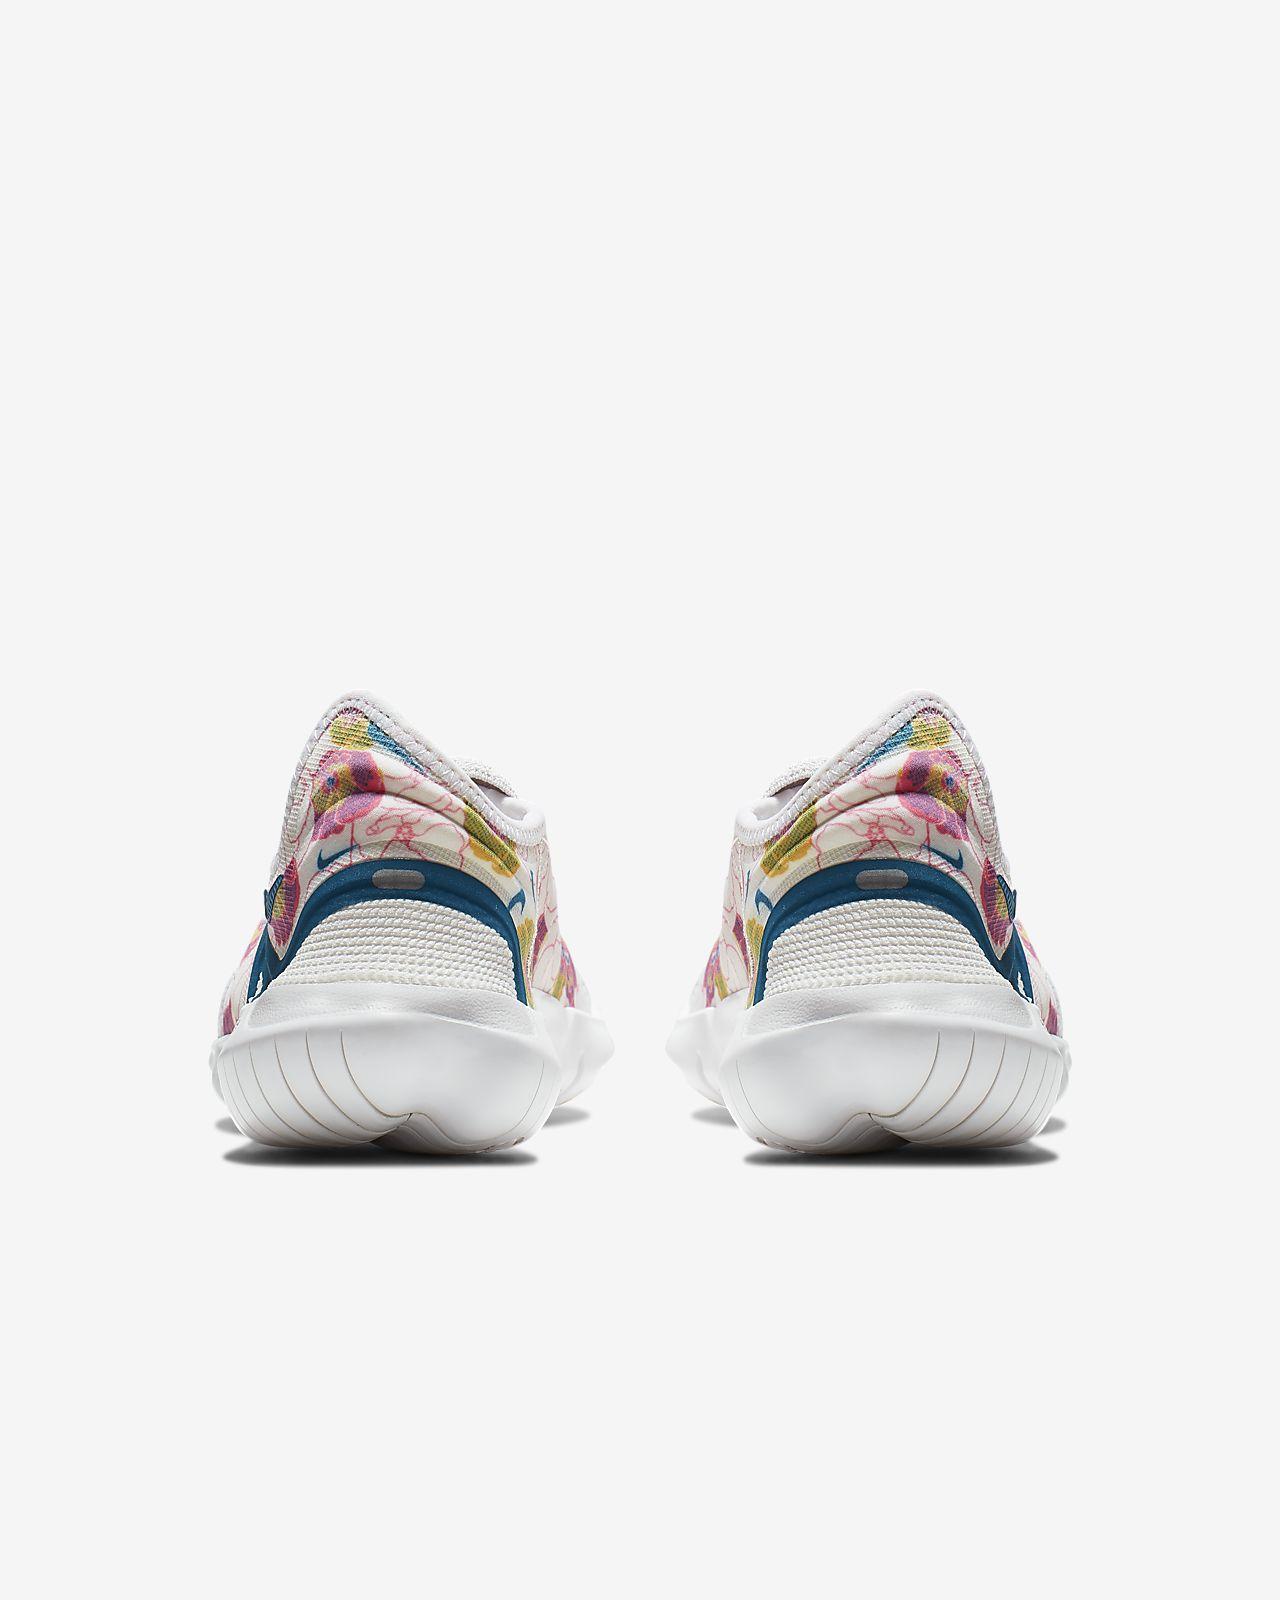 3111e12578c1c Nike Free RN Flyknit 3.0 Women s Running Shoe. Nike.com DK